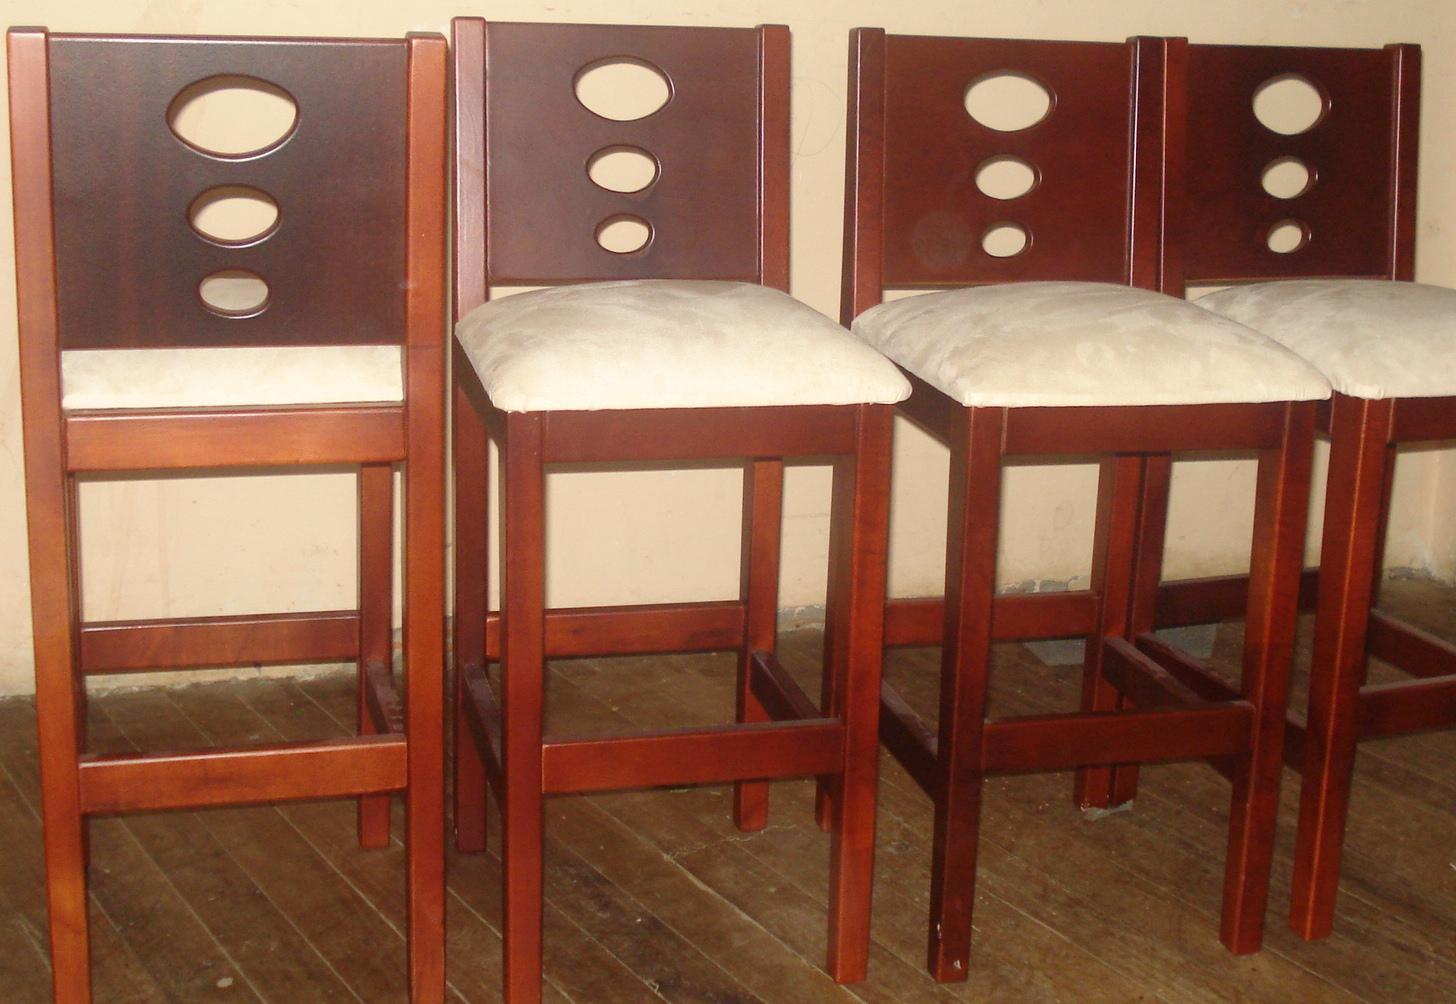 Sociedad decorativa en maderas muebles para su hogar for Sillas de oficina de madera